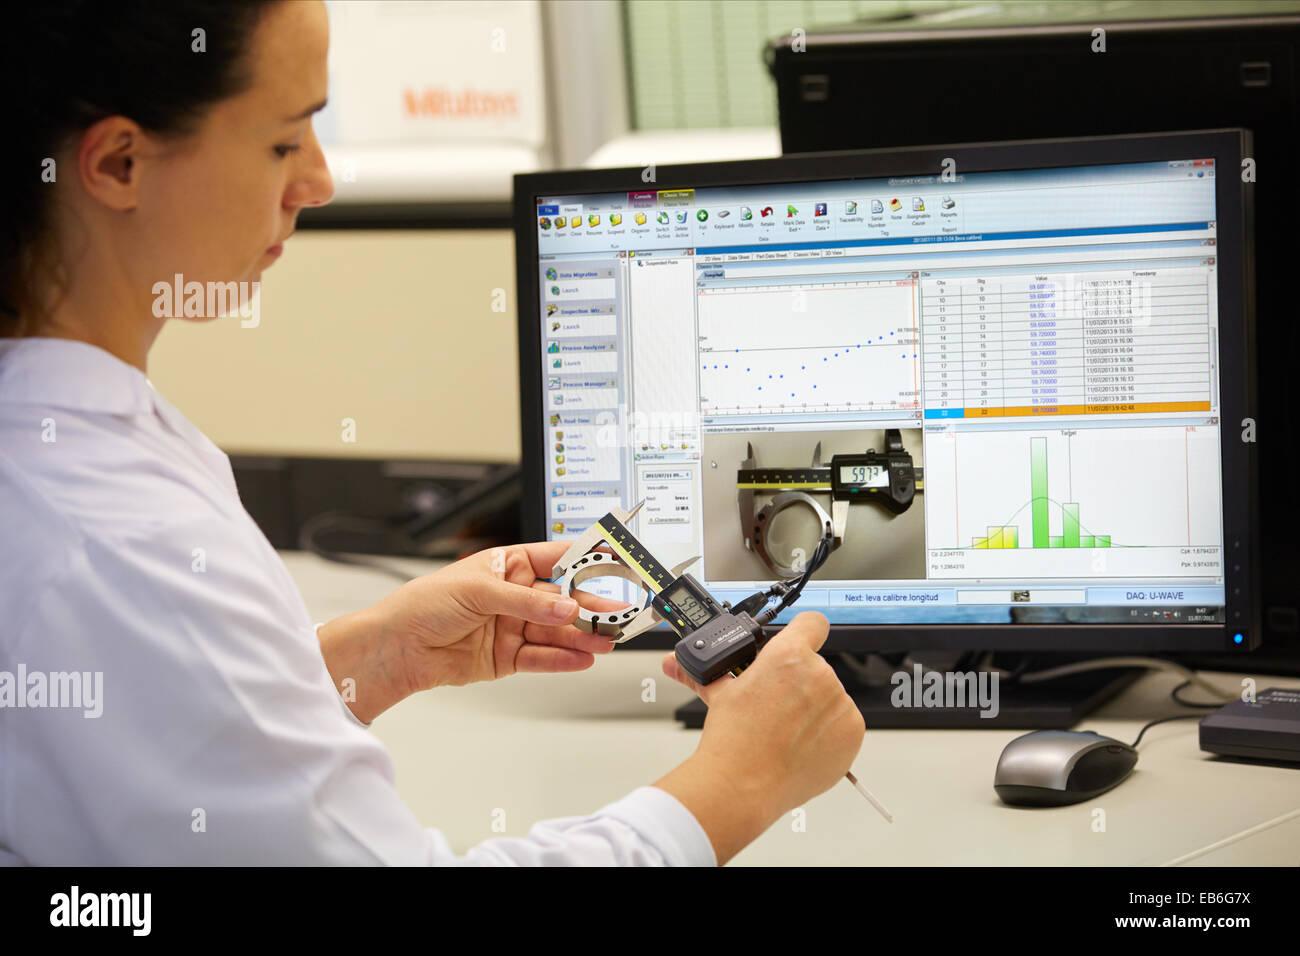 MeasurLink logiciel statistique collecte des données pour l'analyse statistique innovantes de la métrologie Photo Stock